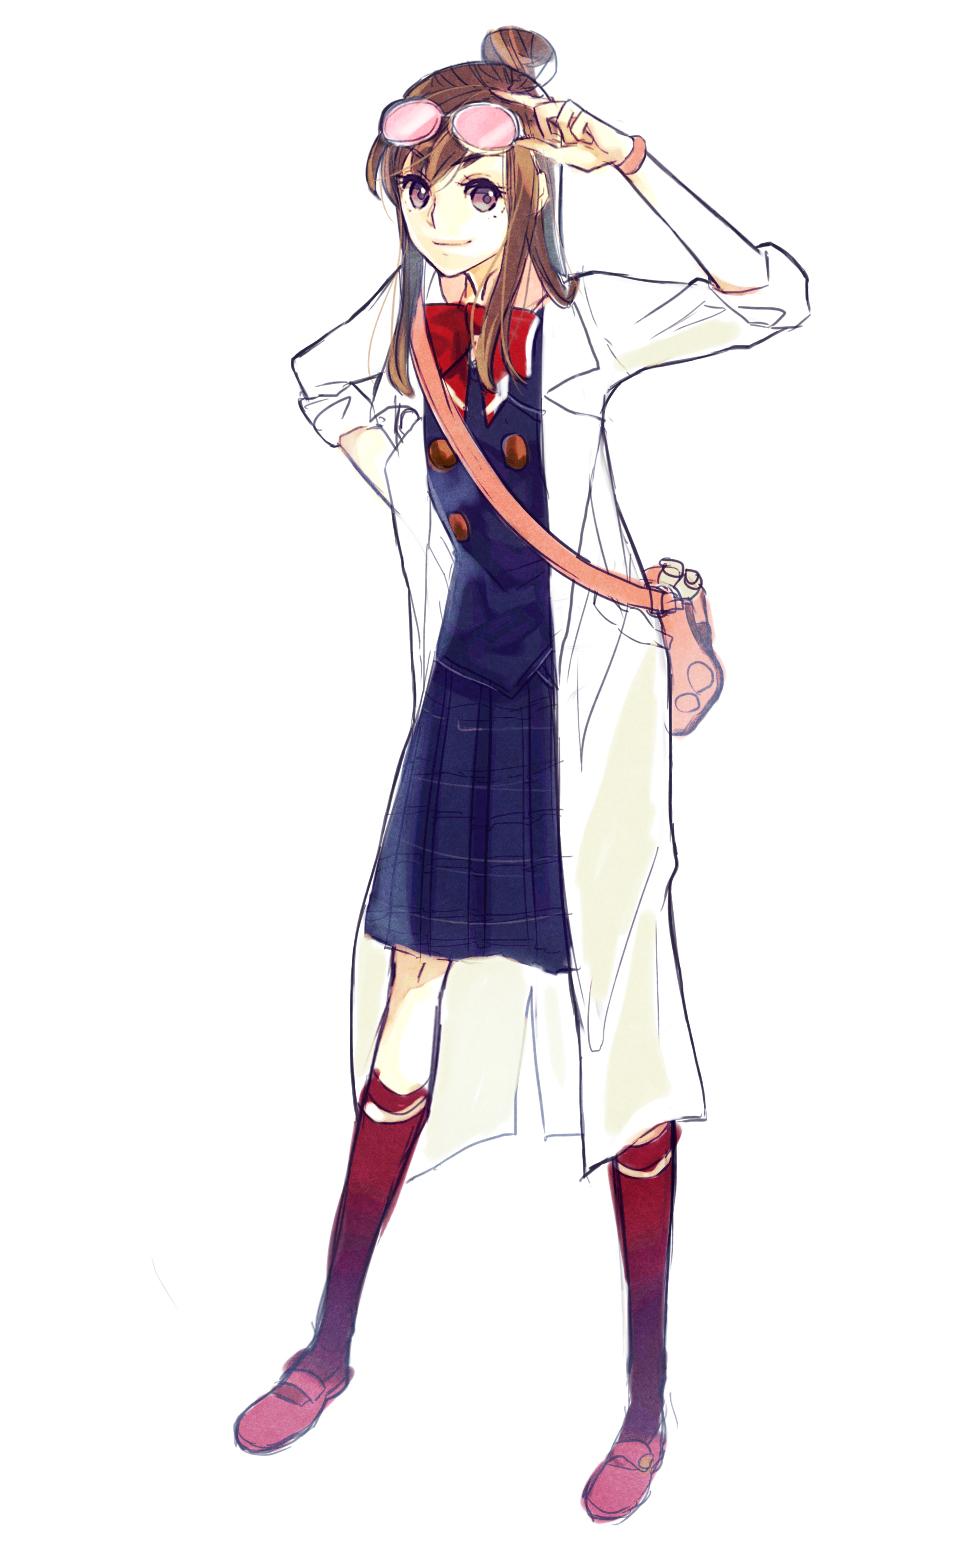 Houzuki Akane (Ema Skye) - Gyakuten Saiban - Zerochan Anime Image Board